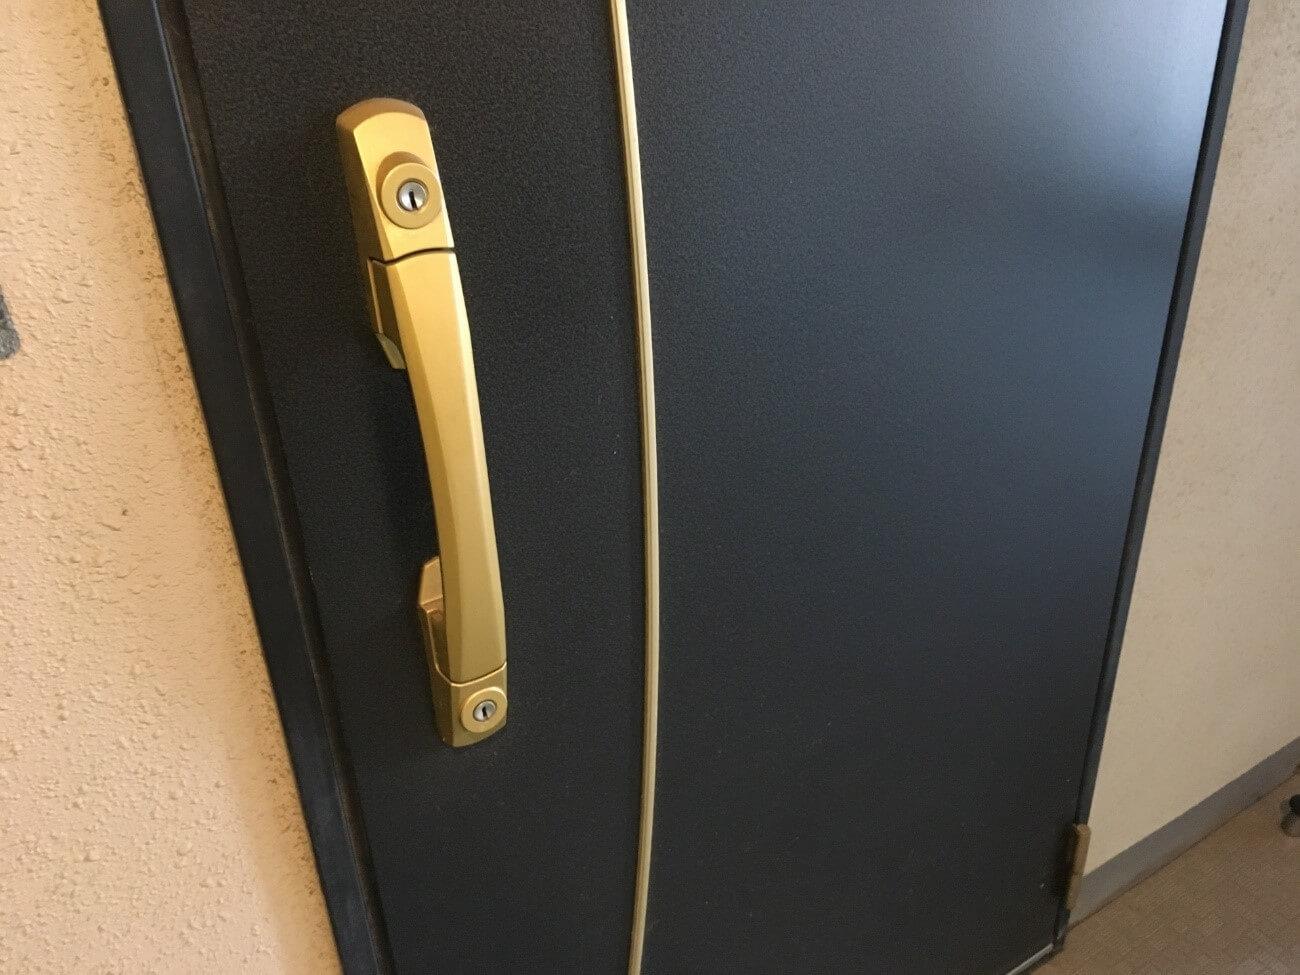 修理の前に室内ドア・玄関ドアの特性を知っておこう